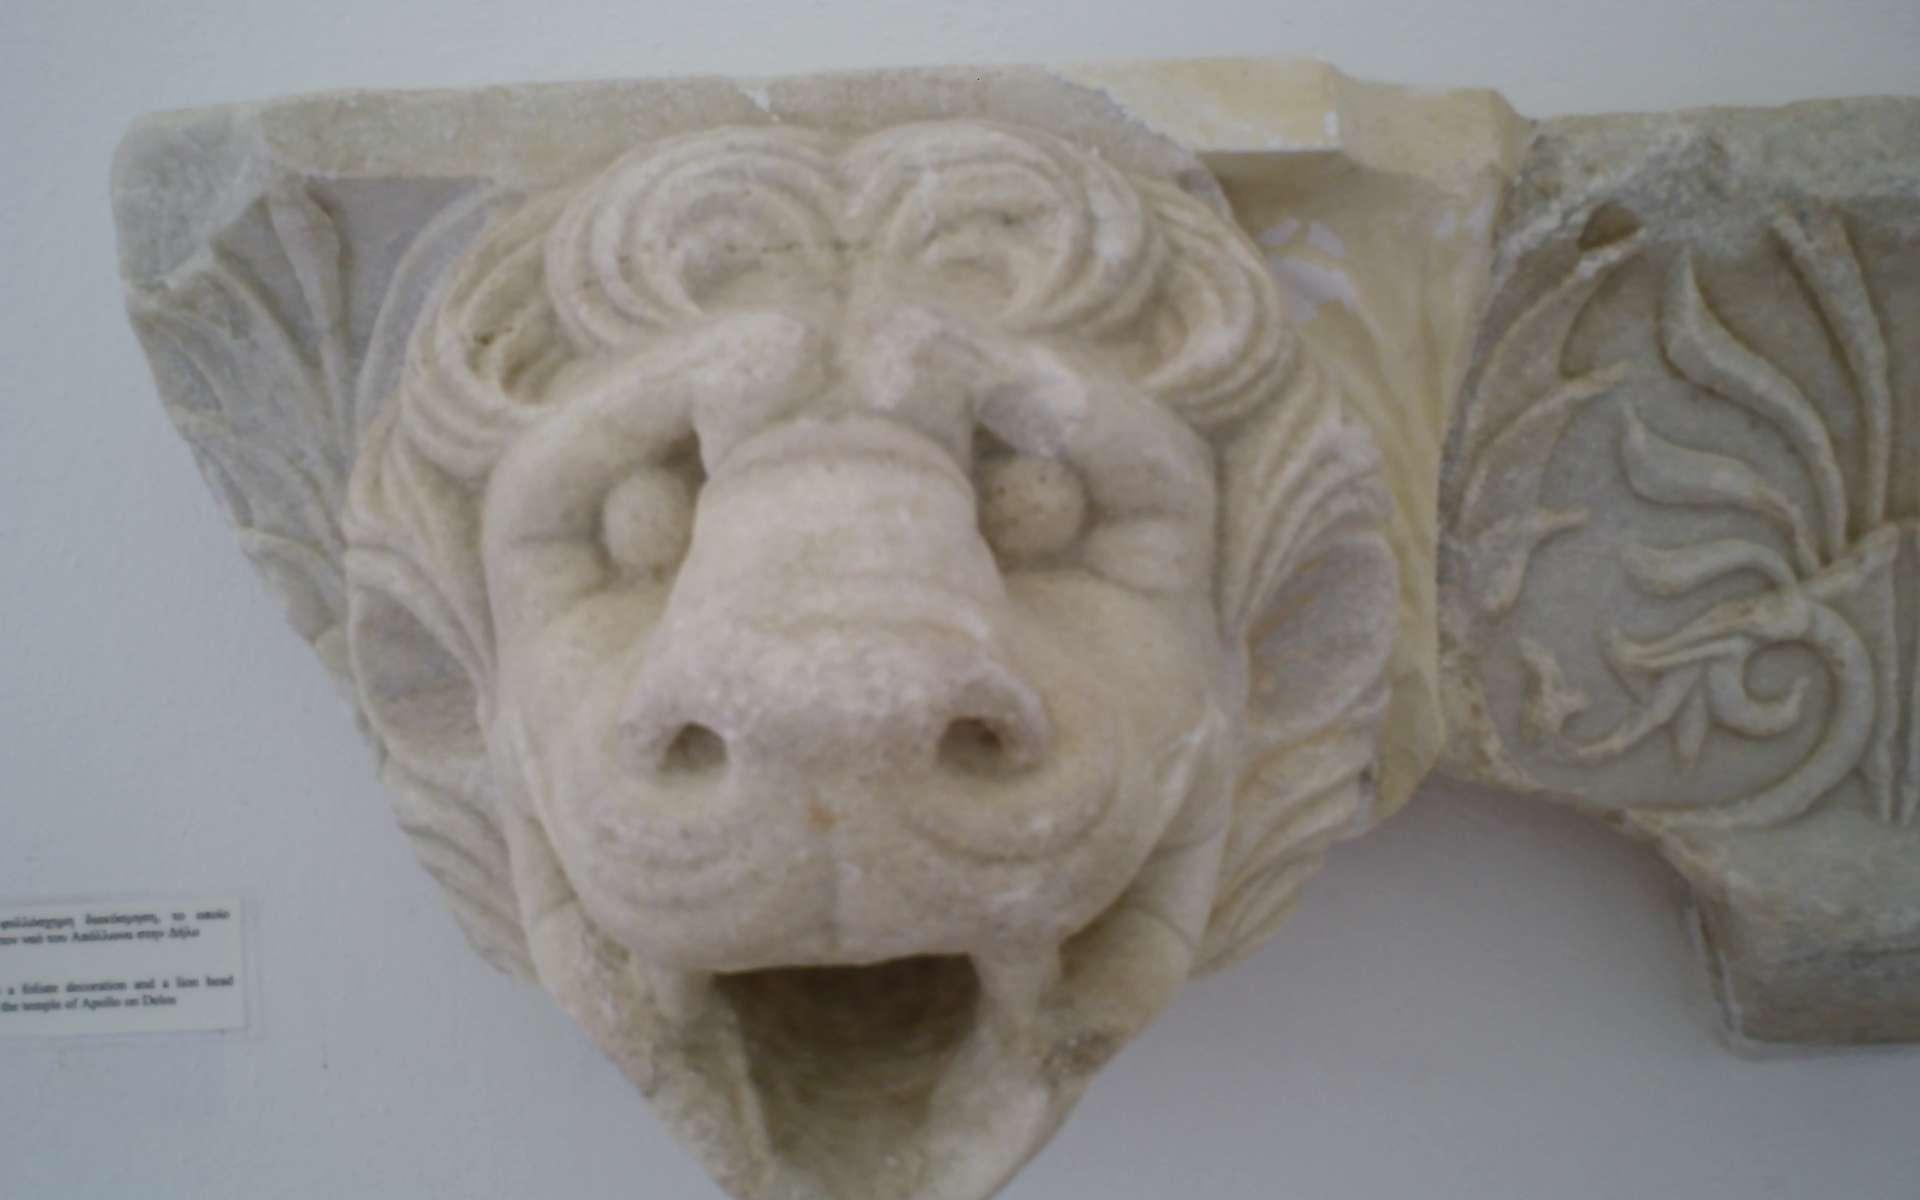 Cette cimaise, qui date du Ve siècle av. J.-C., montre toute sa richesse architecturale et décorative. © Cédric Boissière, CC BY-SA 3.0, Wikimedia Commons